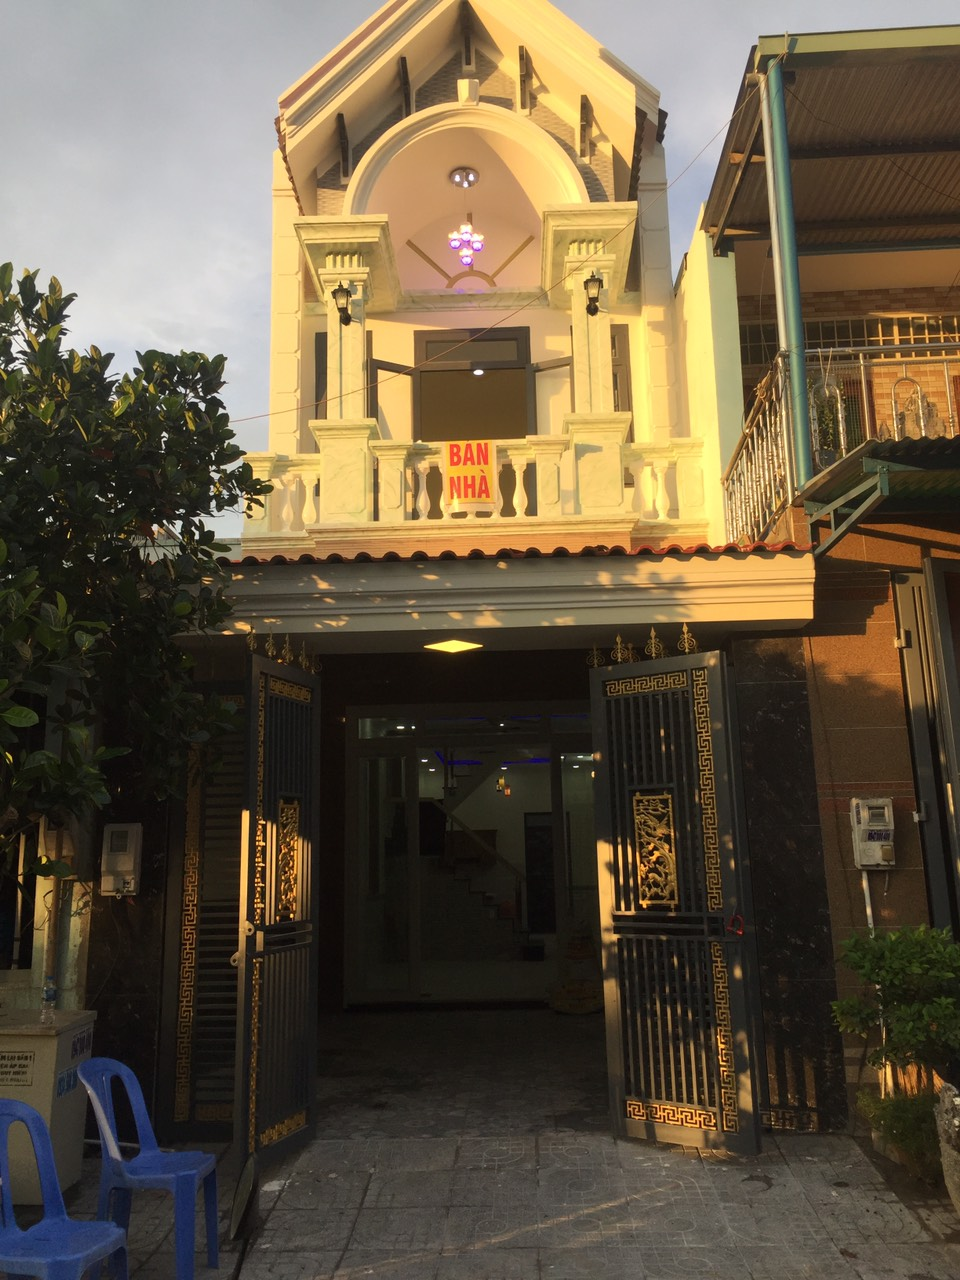 Bán nhà 1 trệt 1 lầu 80m gần bigc Biên Hòa, ngã 3 Vũng Tàu